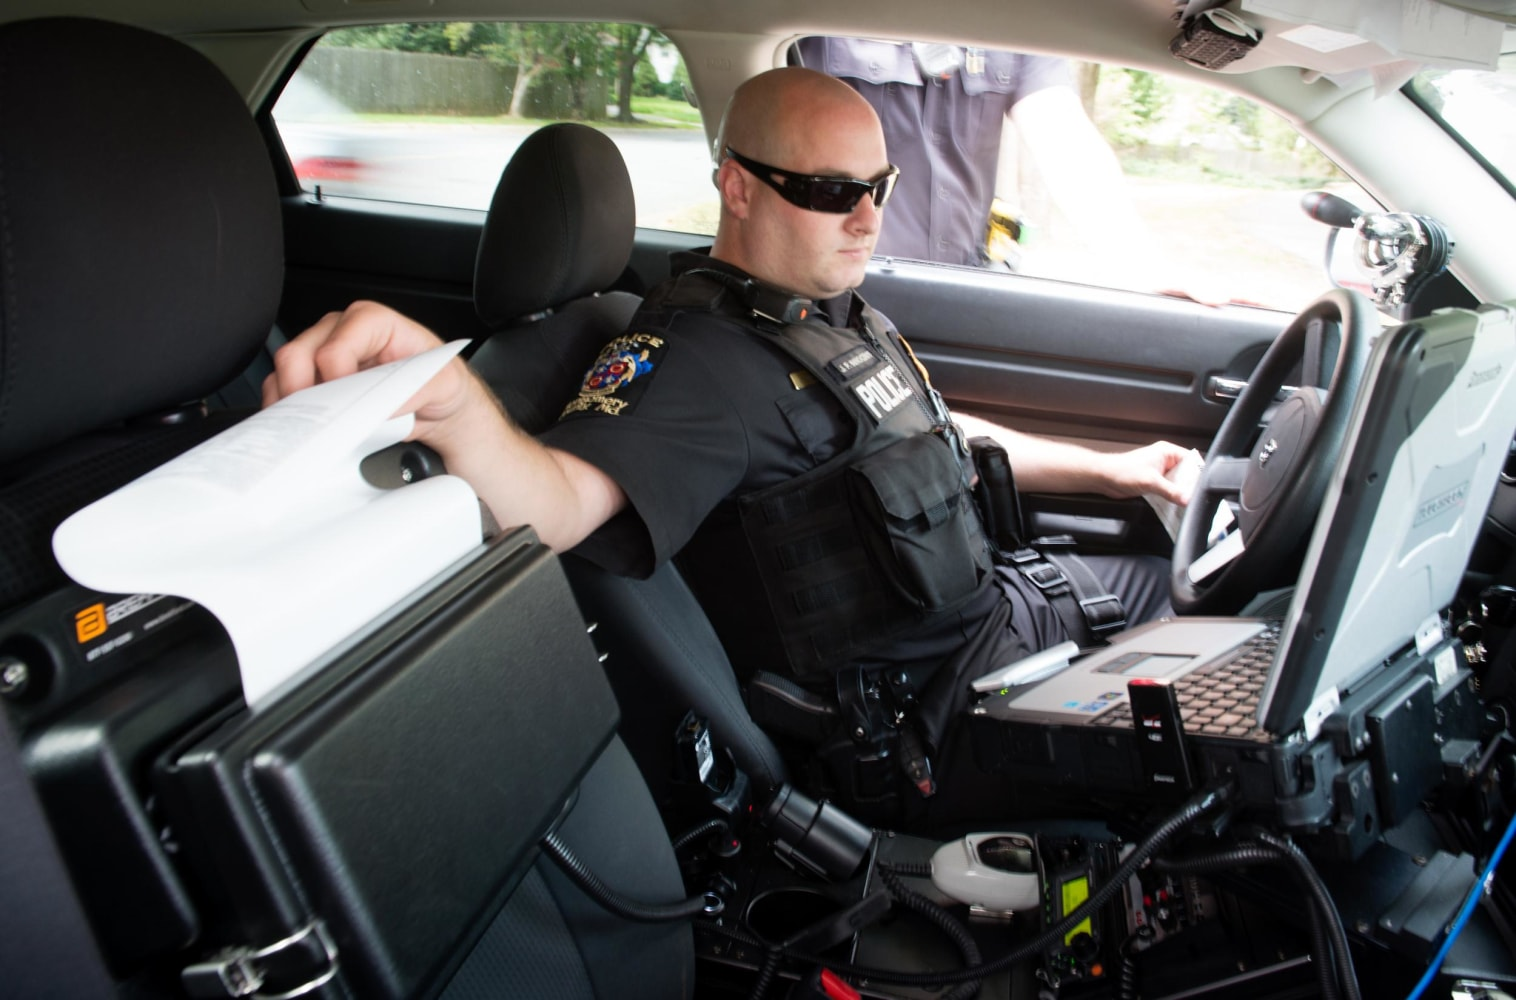 Meet The Mega Cops High Tech Crime Gear Transforms Police